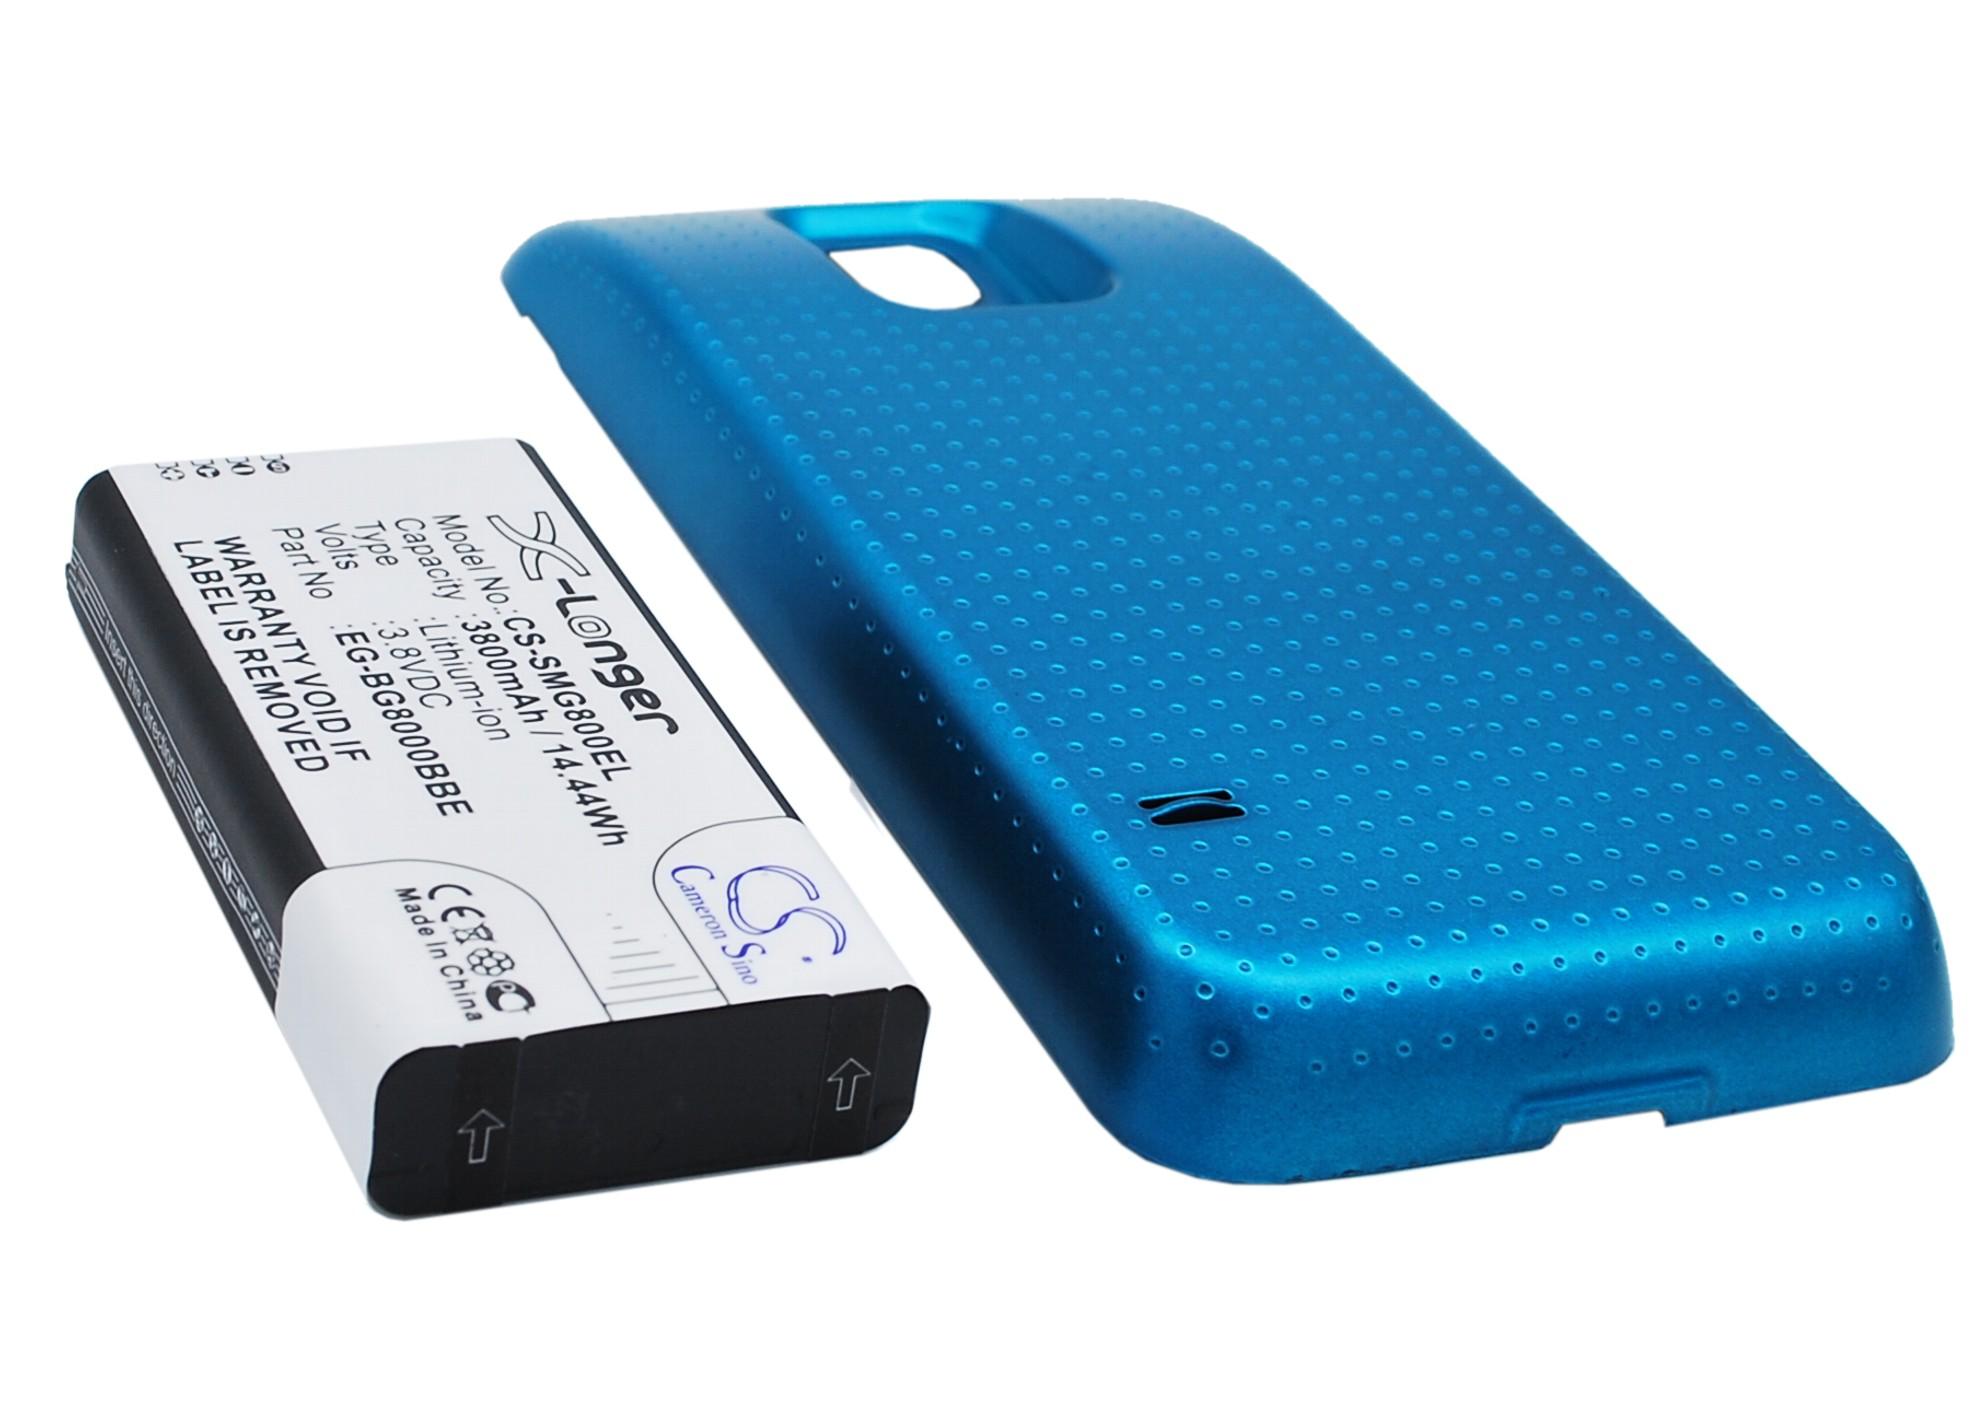 Cameron Sino baterie do mobilů za EG-BG800BBE 3.8V Li-ion 3800mAh modrá - neoriginální